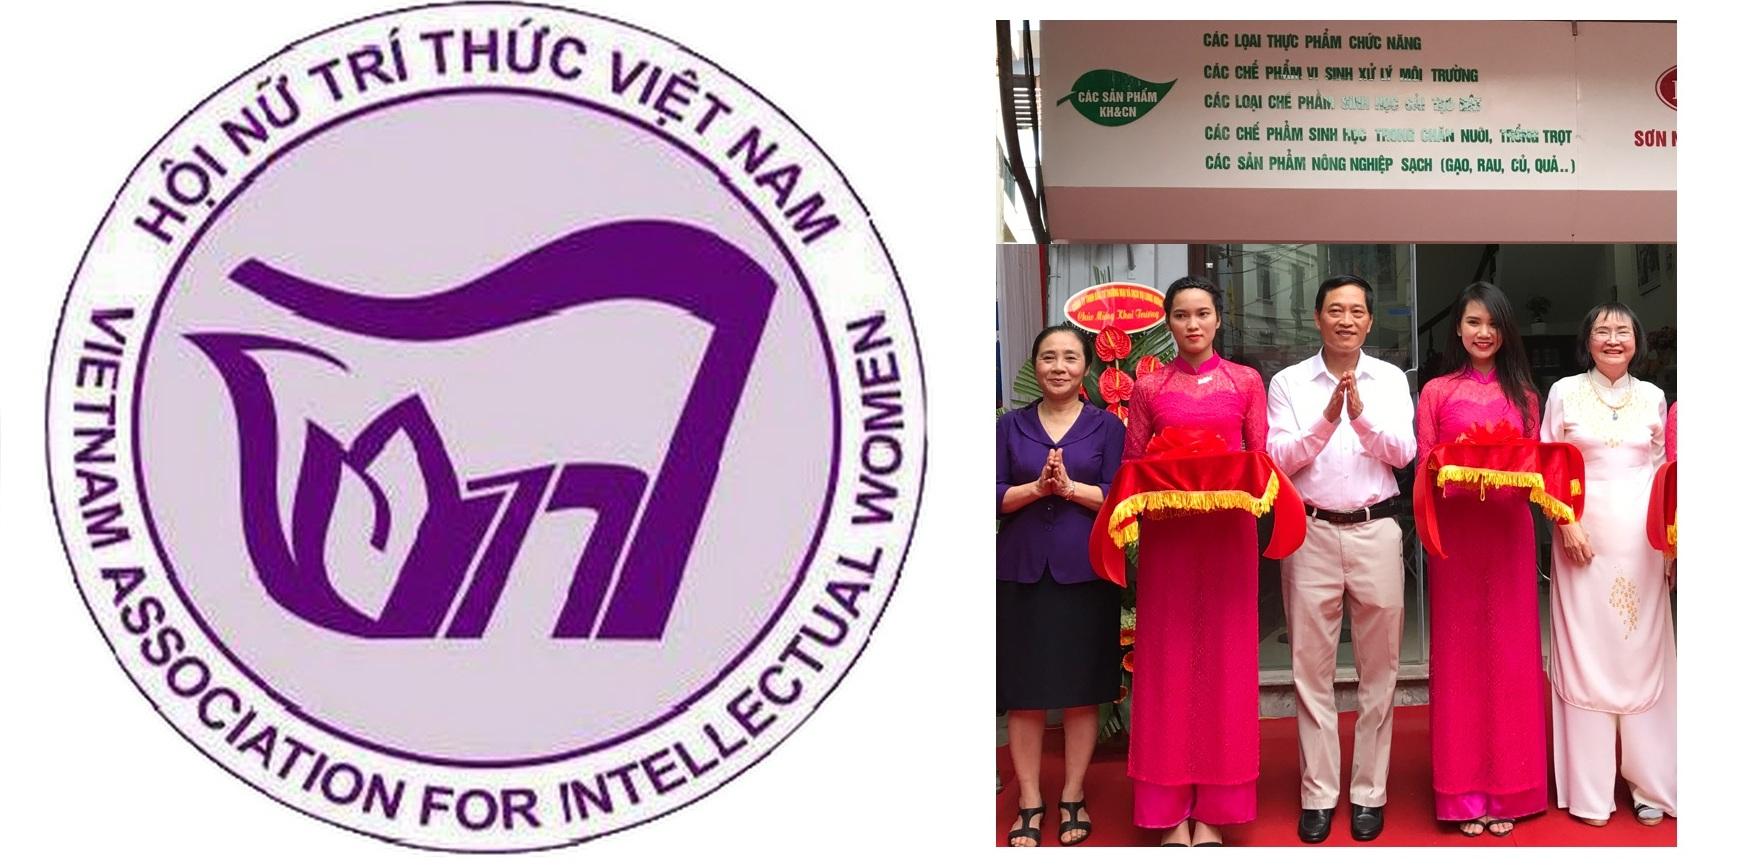 Hội nữ trí thức Việt Nam: Khai trương văn phòng giới thiệu sản phẩm KH&CN